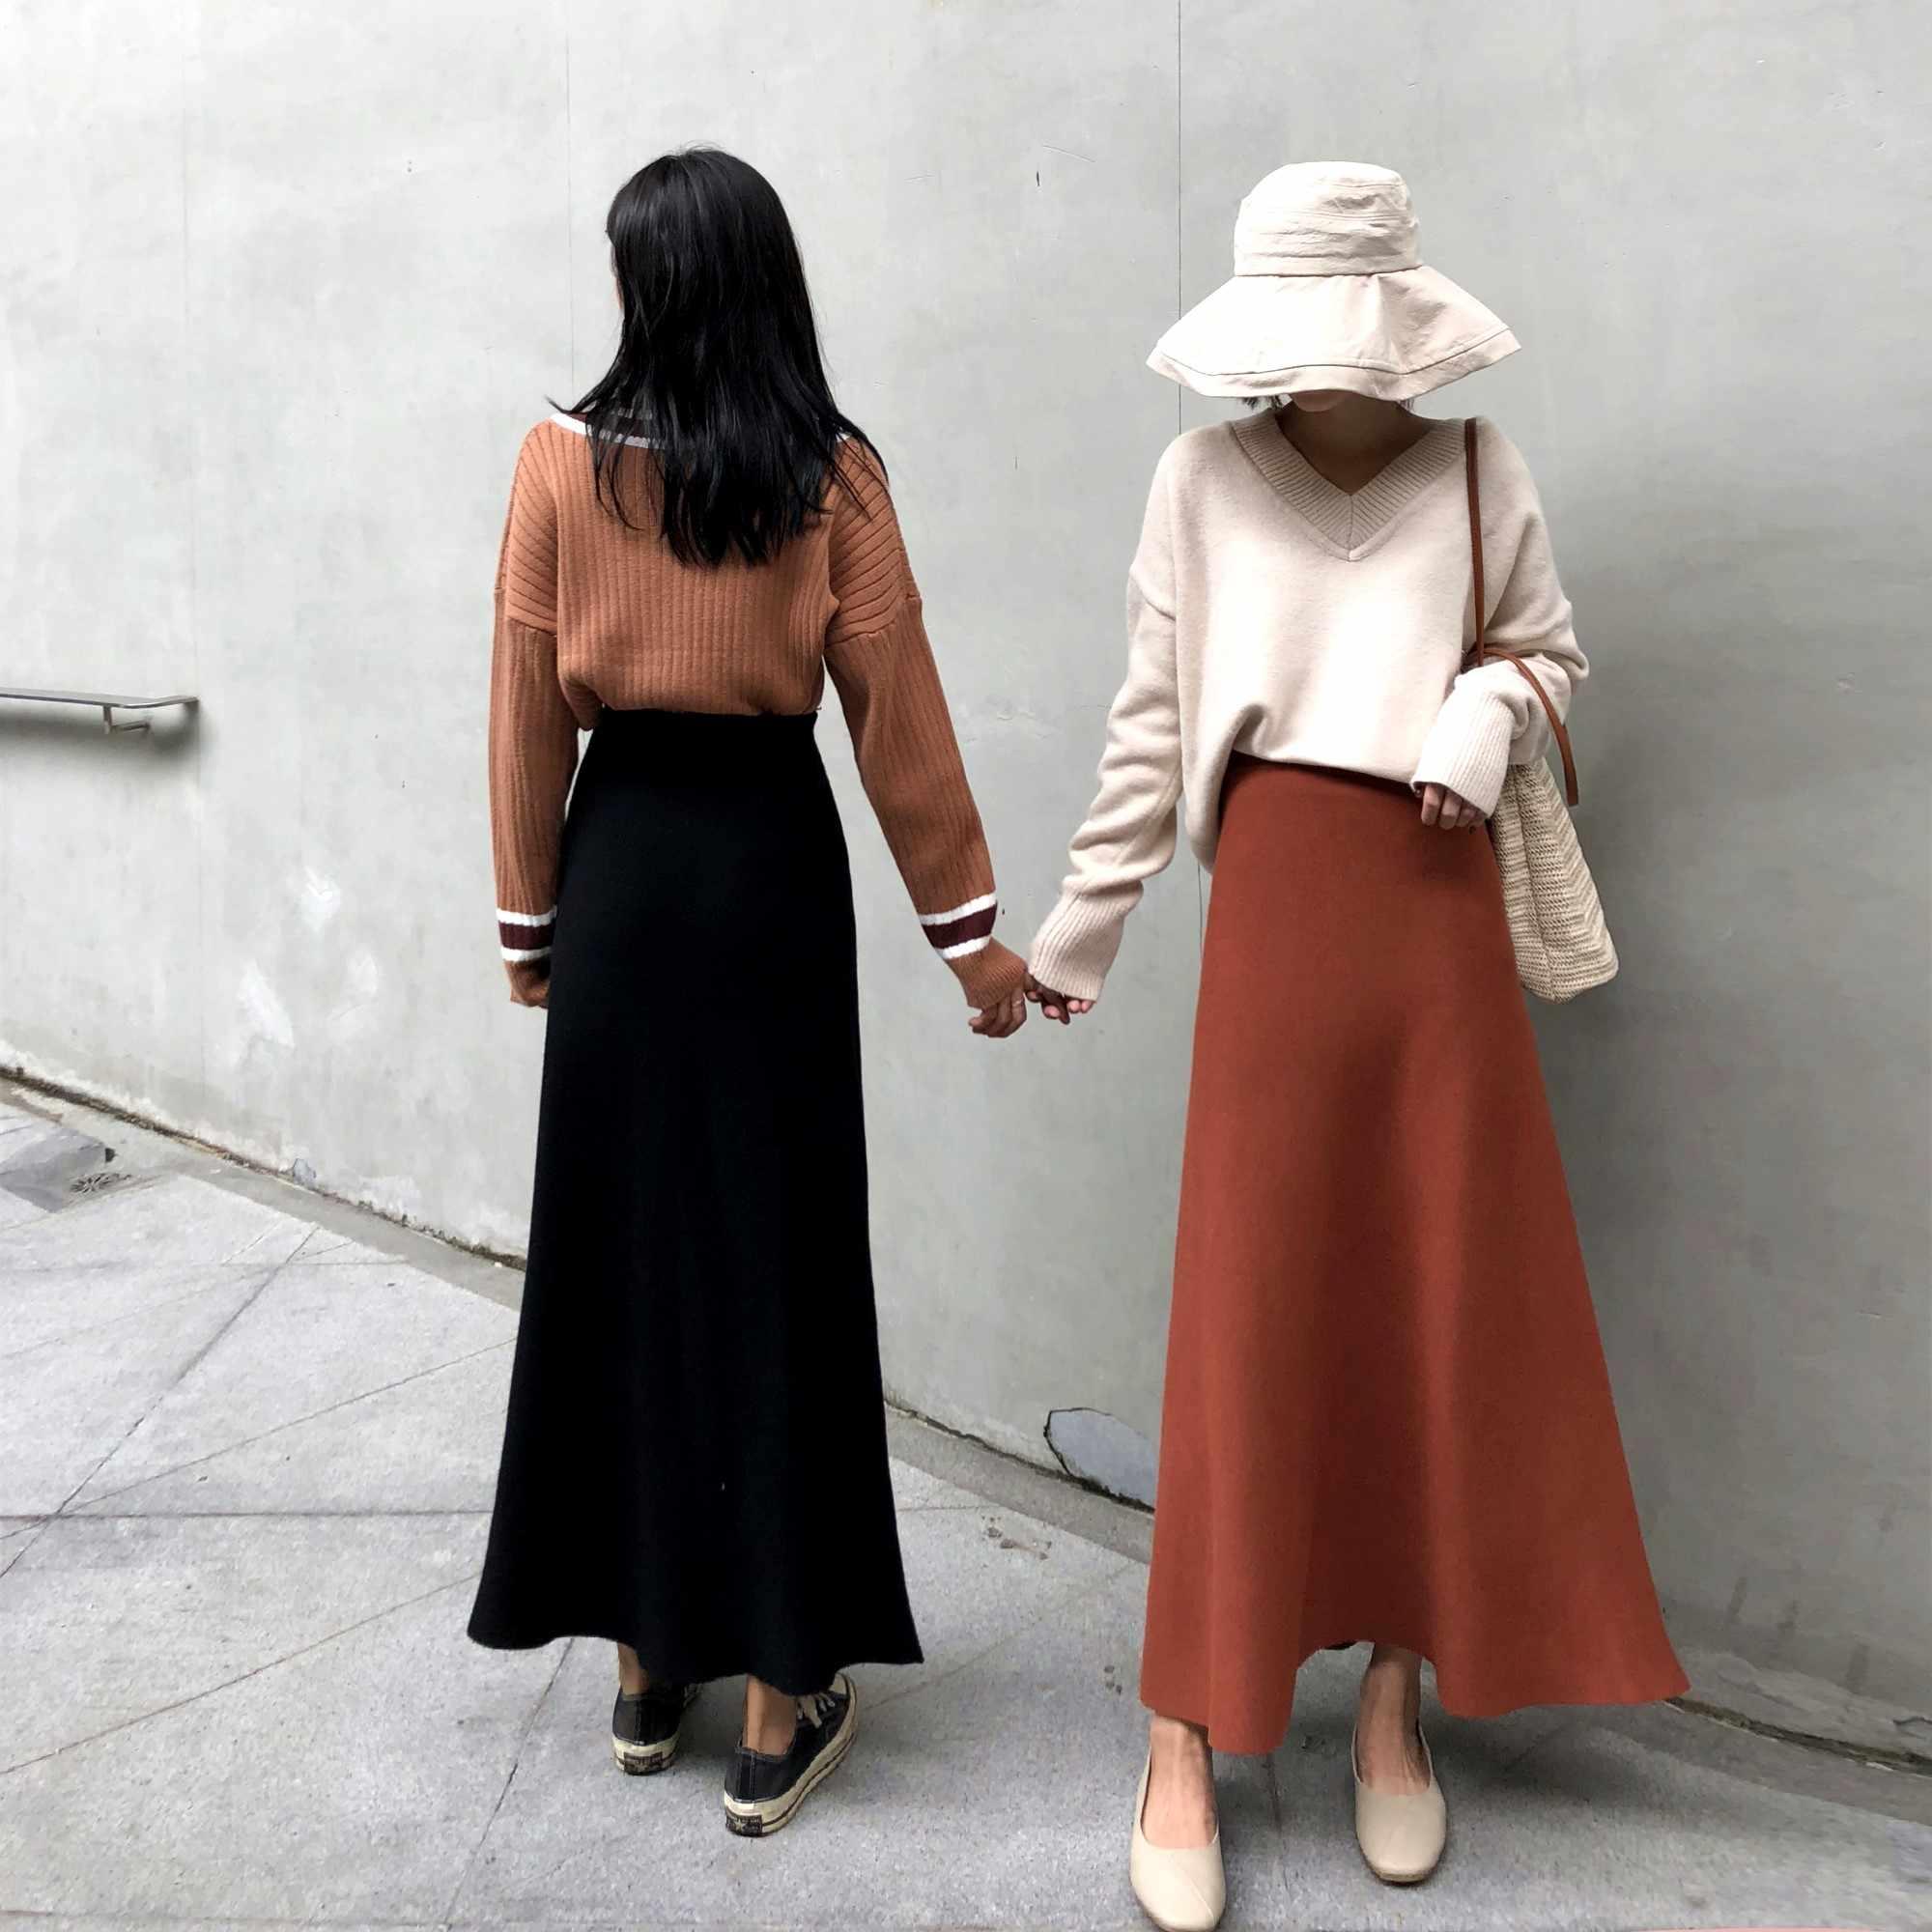 92aeac34011 ... Дуэйн Оригинальные юбки женские трикотажные длинные плиссированные юбки  весна 2019 корейская однотонная Высокая талия женская элегантная ...